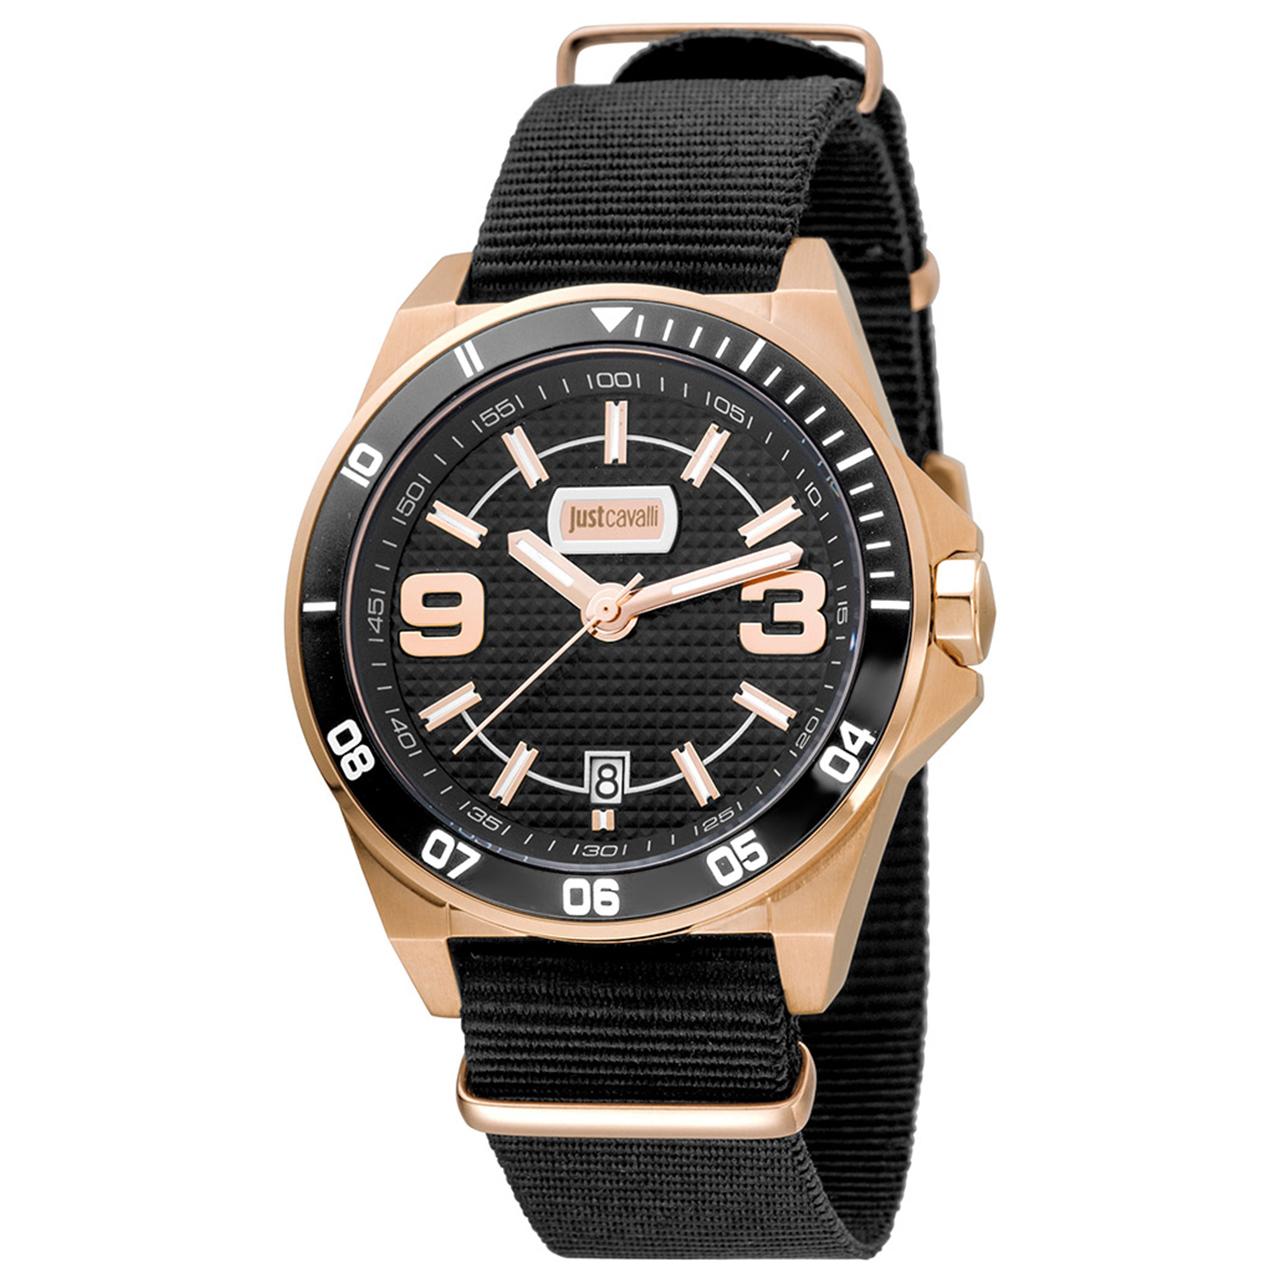 ساعت مچی عقربه ای مردانه جاست کاوالی مدل JC1G014L0035 1